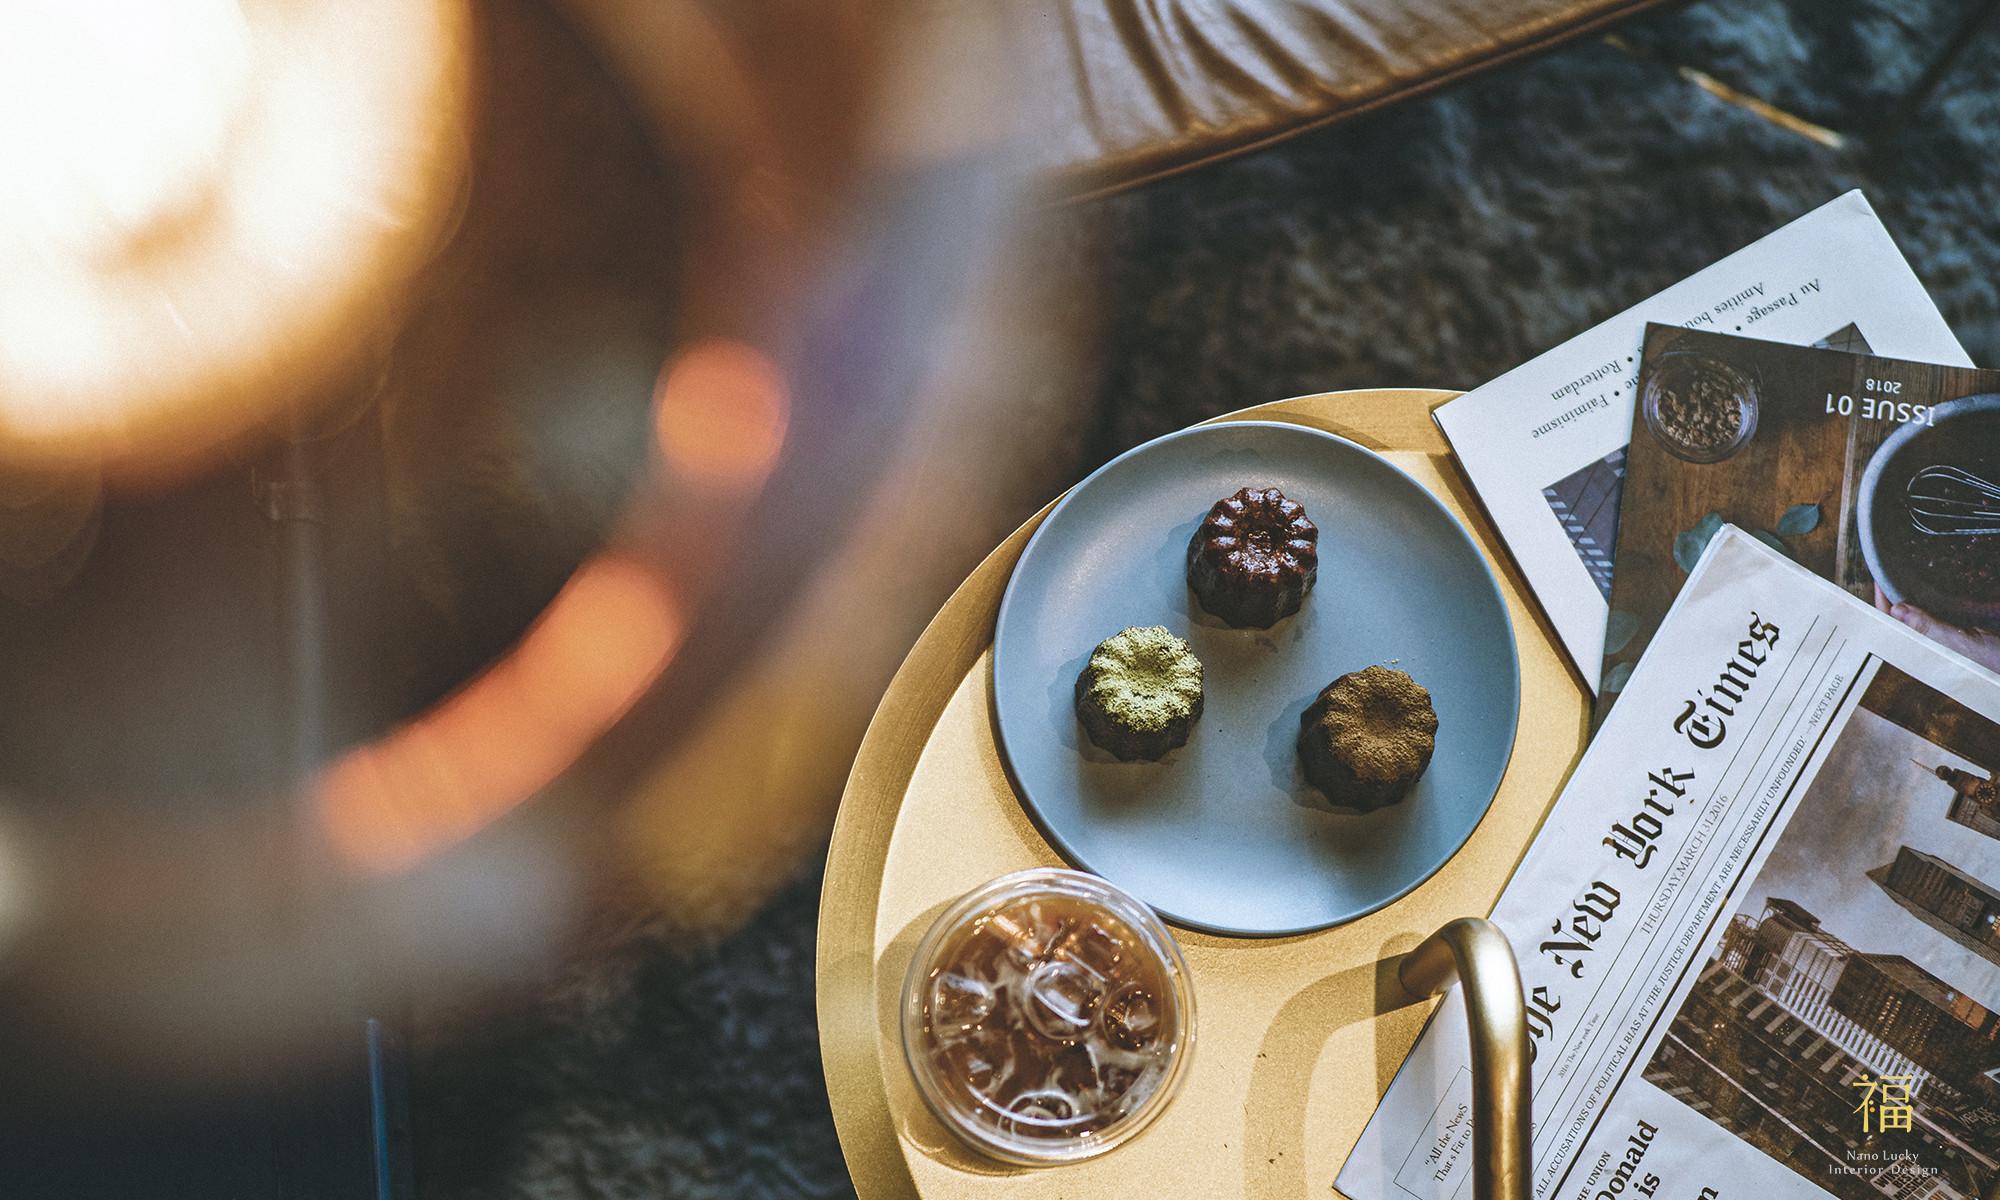 玖零甜食所-嘉義法式可麗露專賣店|小福砌商業甜點空間設計